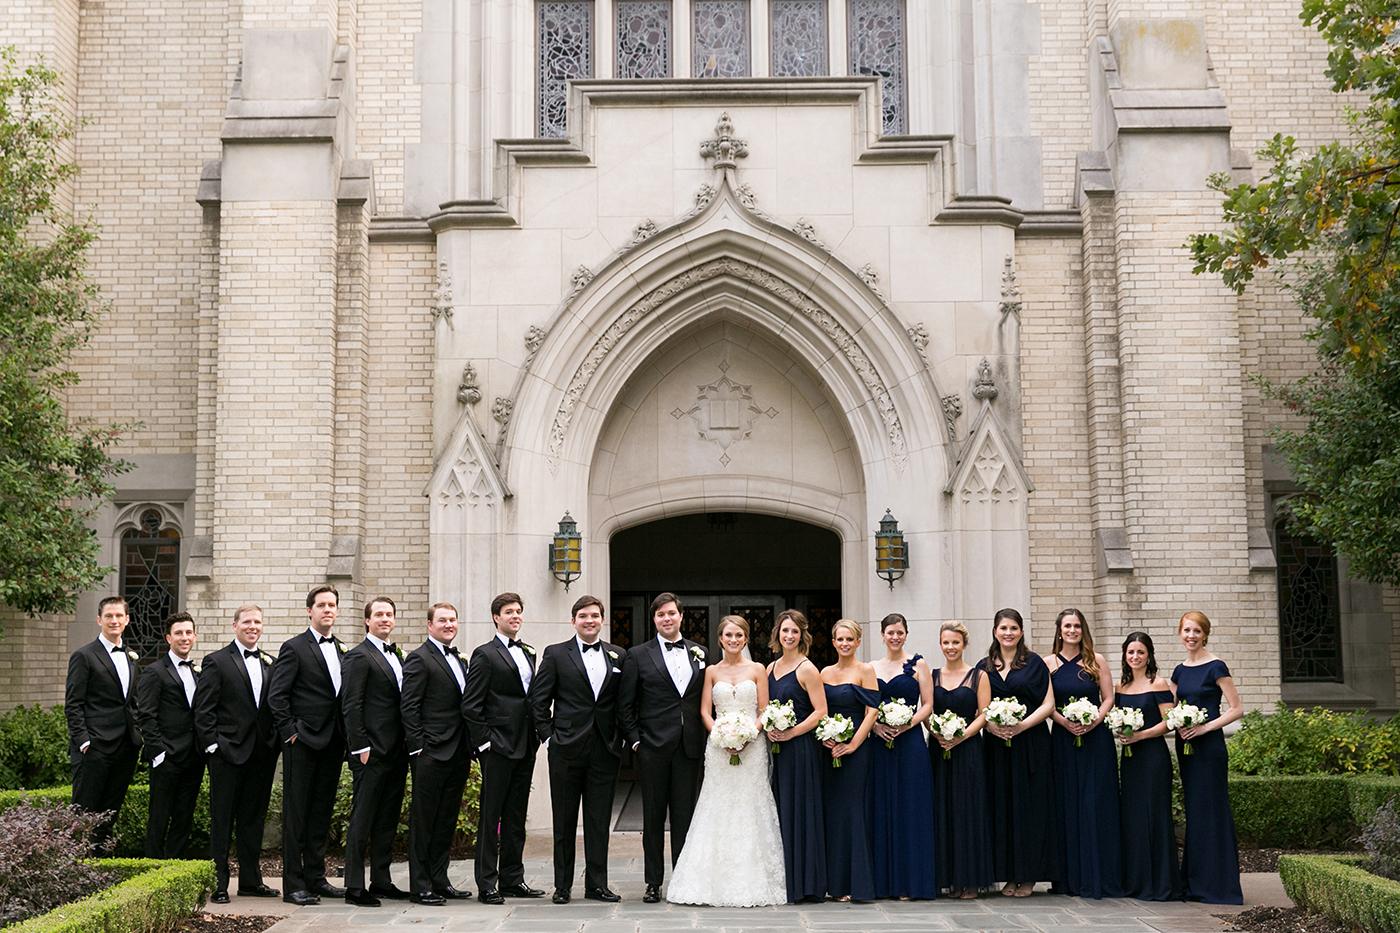 Dallas Wedding Planner - Allday Events - Classic Wedding at Dallas Scottish Rite - 263.jpg